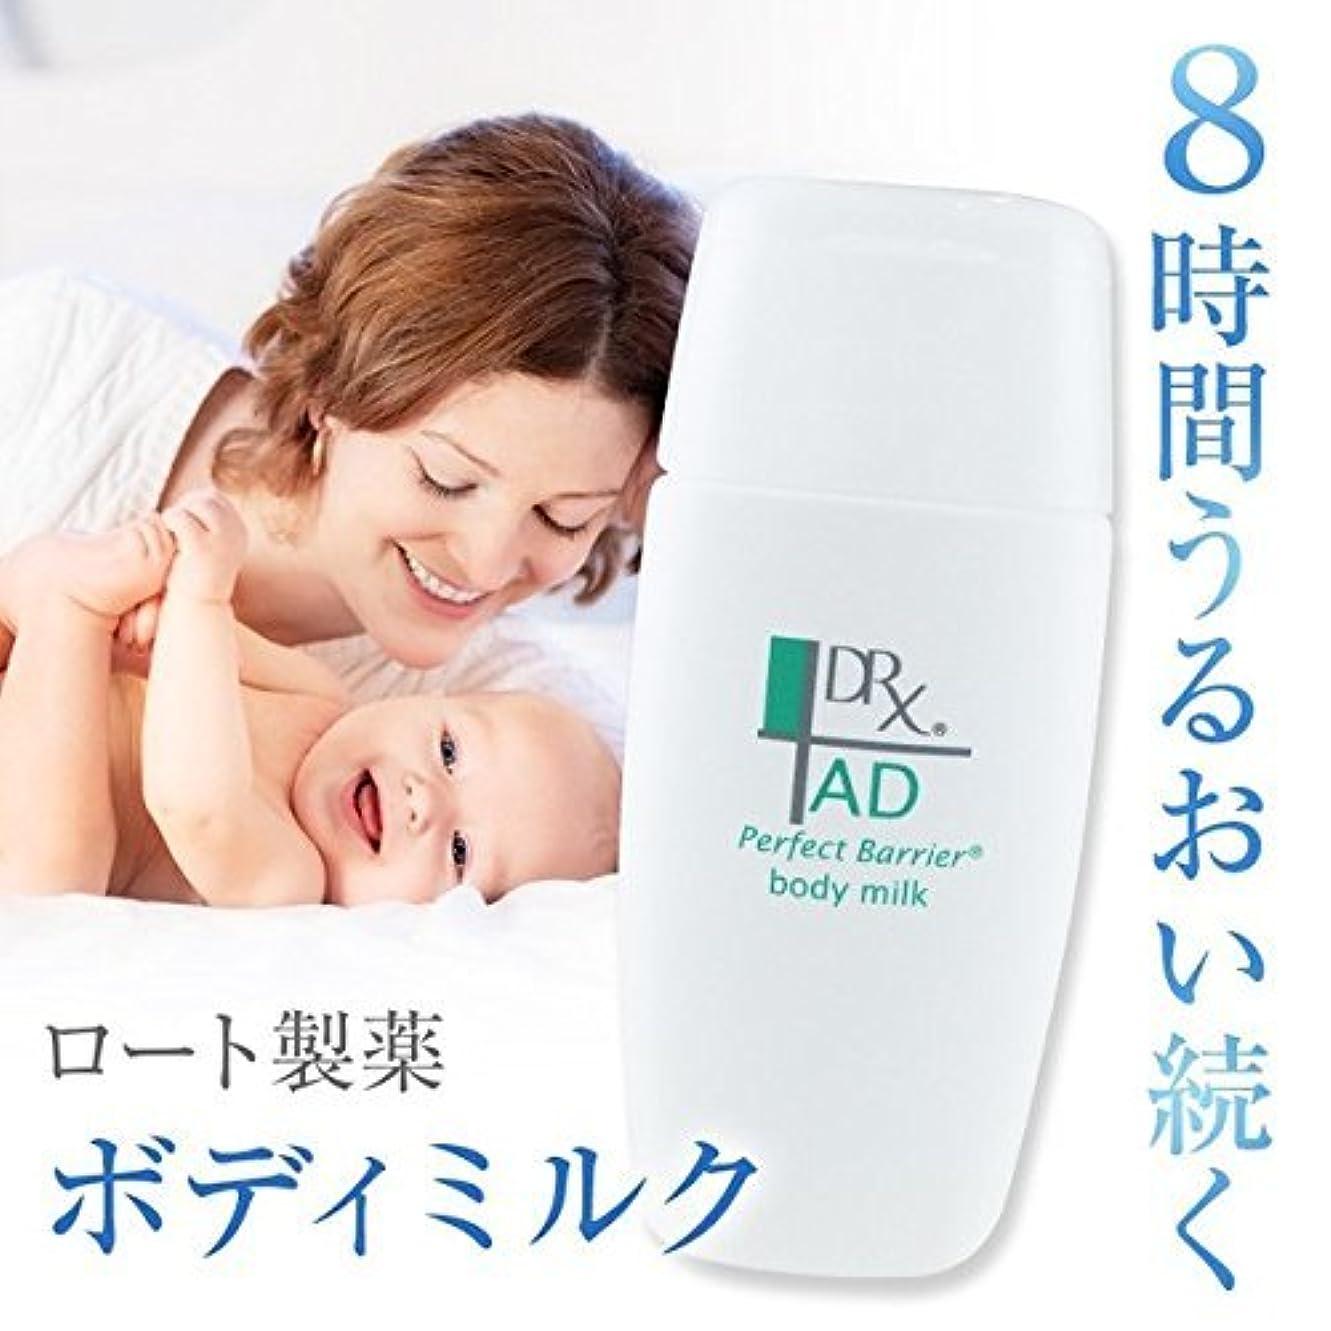 切り離す価値のないアメリカDRX ADパーフェクトバリア ボディミルク (130ml)